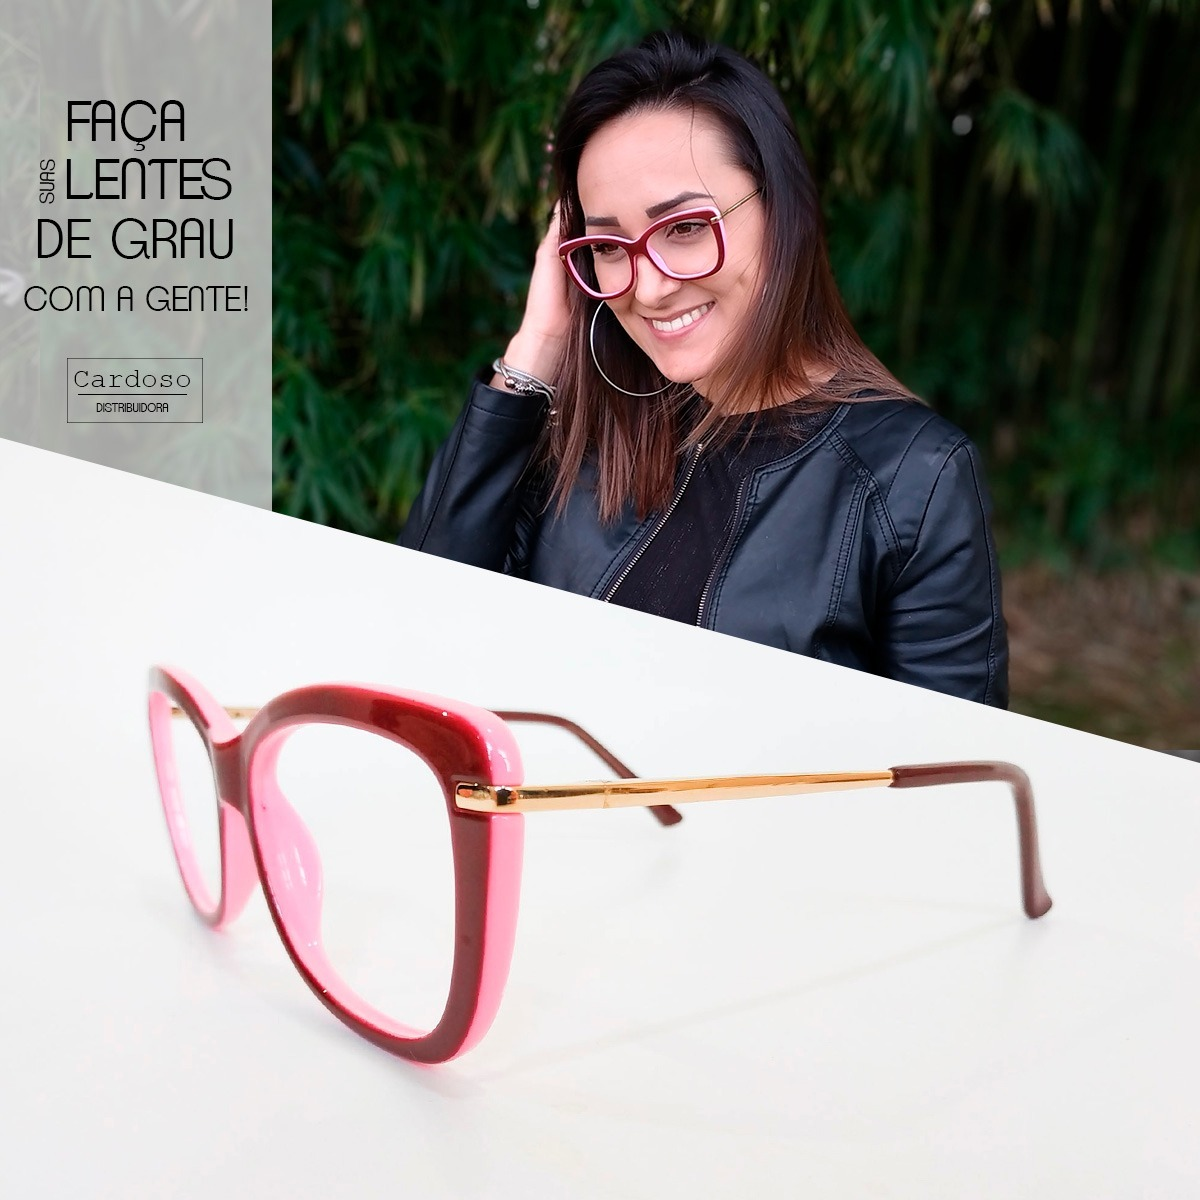 Armações Óculos Feminino Com Lentes Sem Grau Sj029 - R  59,87 em ... 9c718adc84